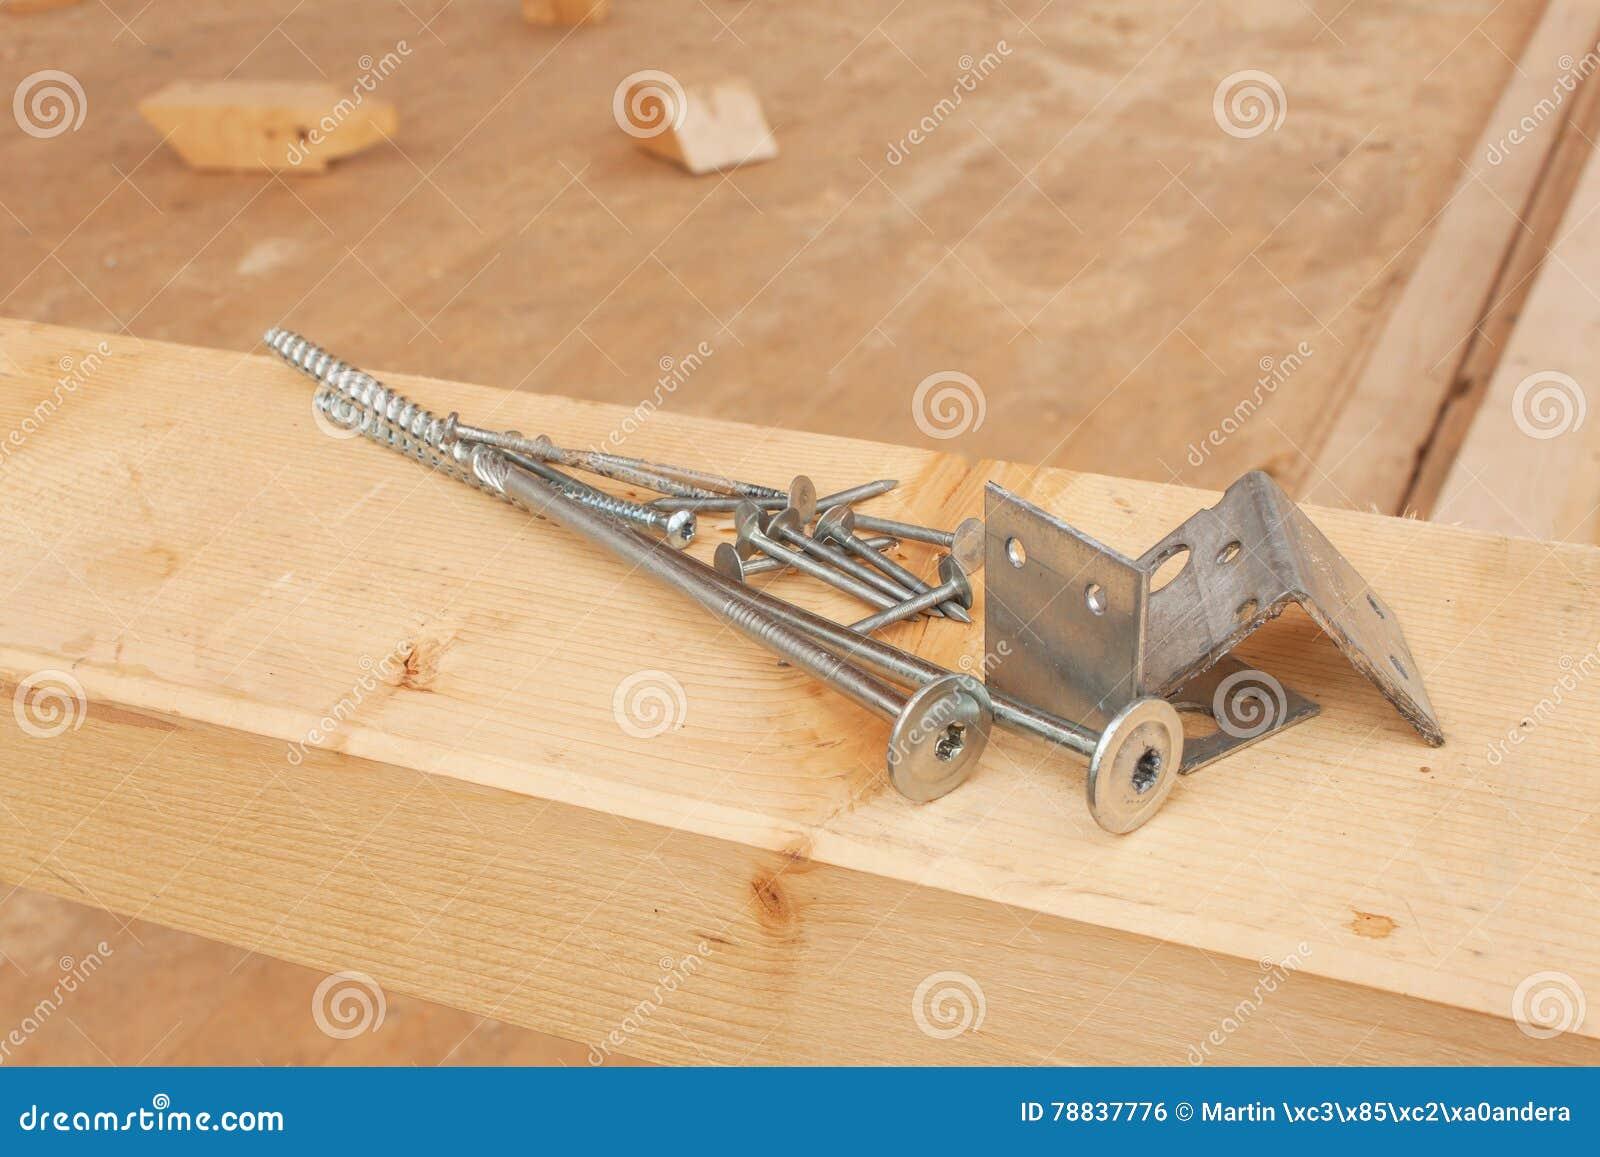 Tornillos y clavos para construir una casa de madera haces - Clavos para madera ...